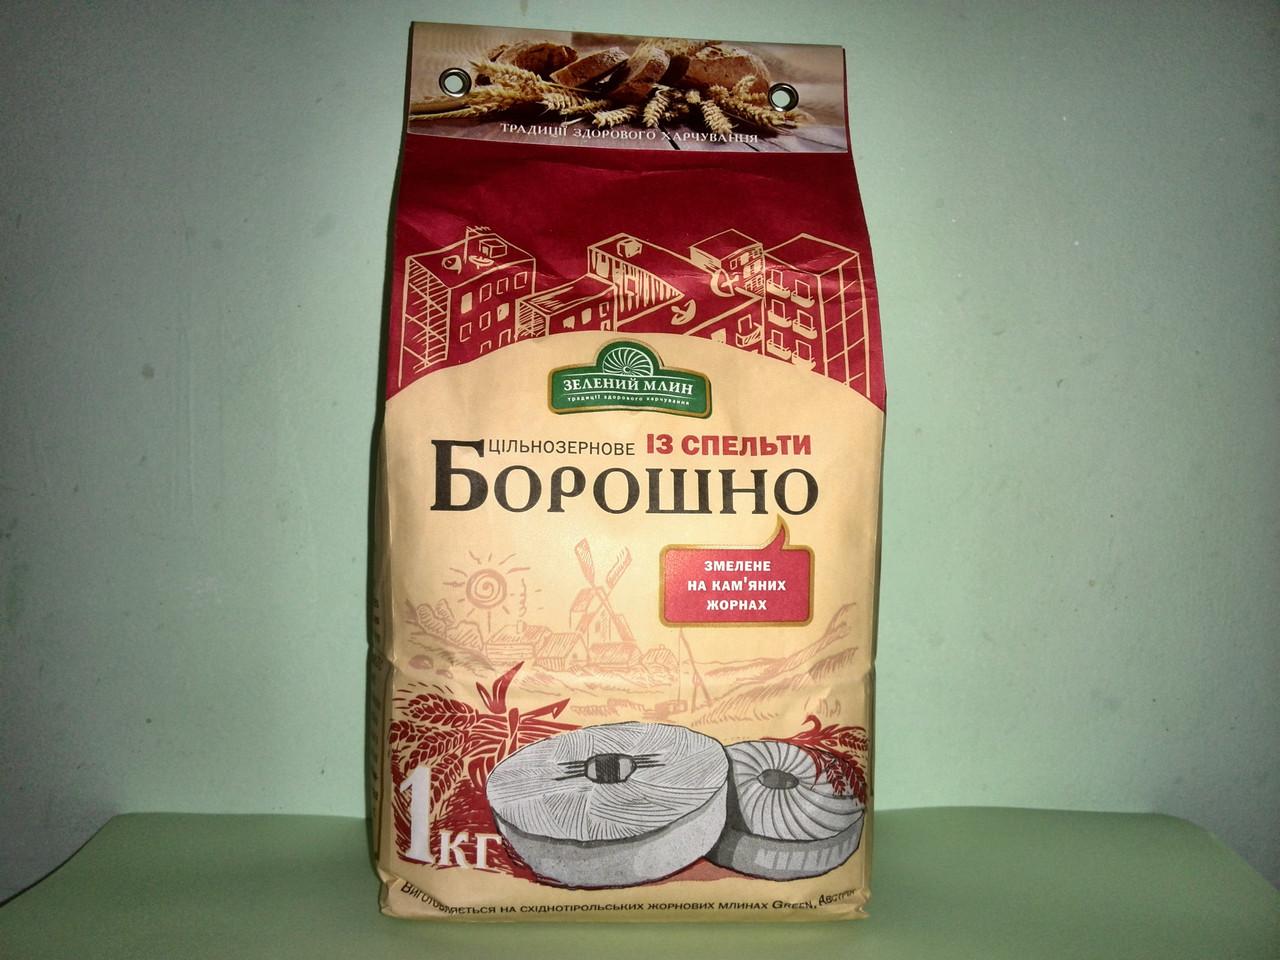 Борошно зі спельти цільнозерне, 1 кг. ГОСТ 46.004-99